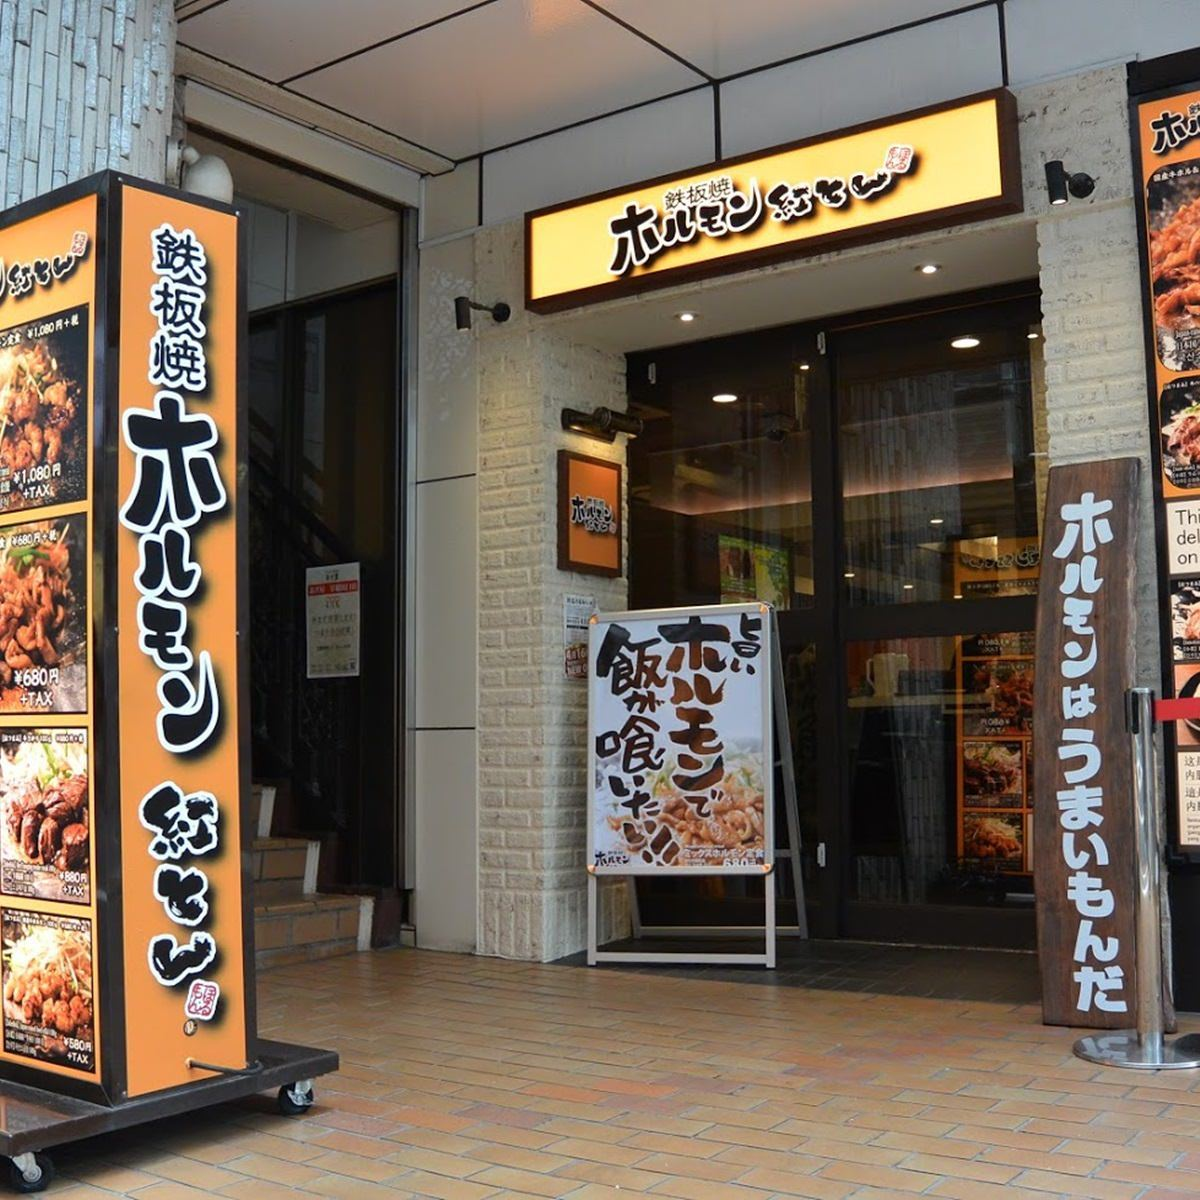 廣島風鐵板圍酒屋 べにぼち 高田馬場店